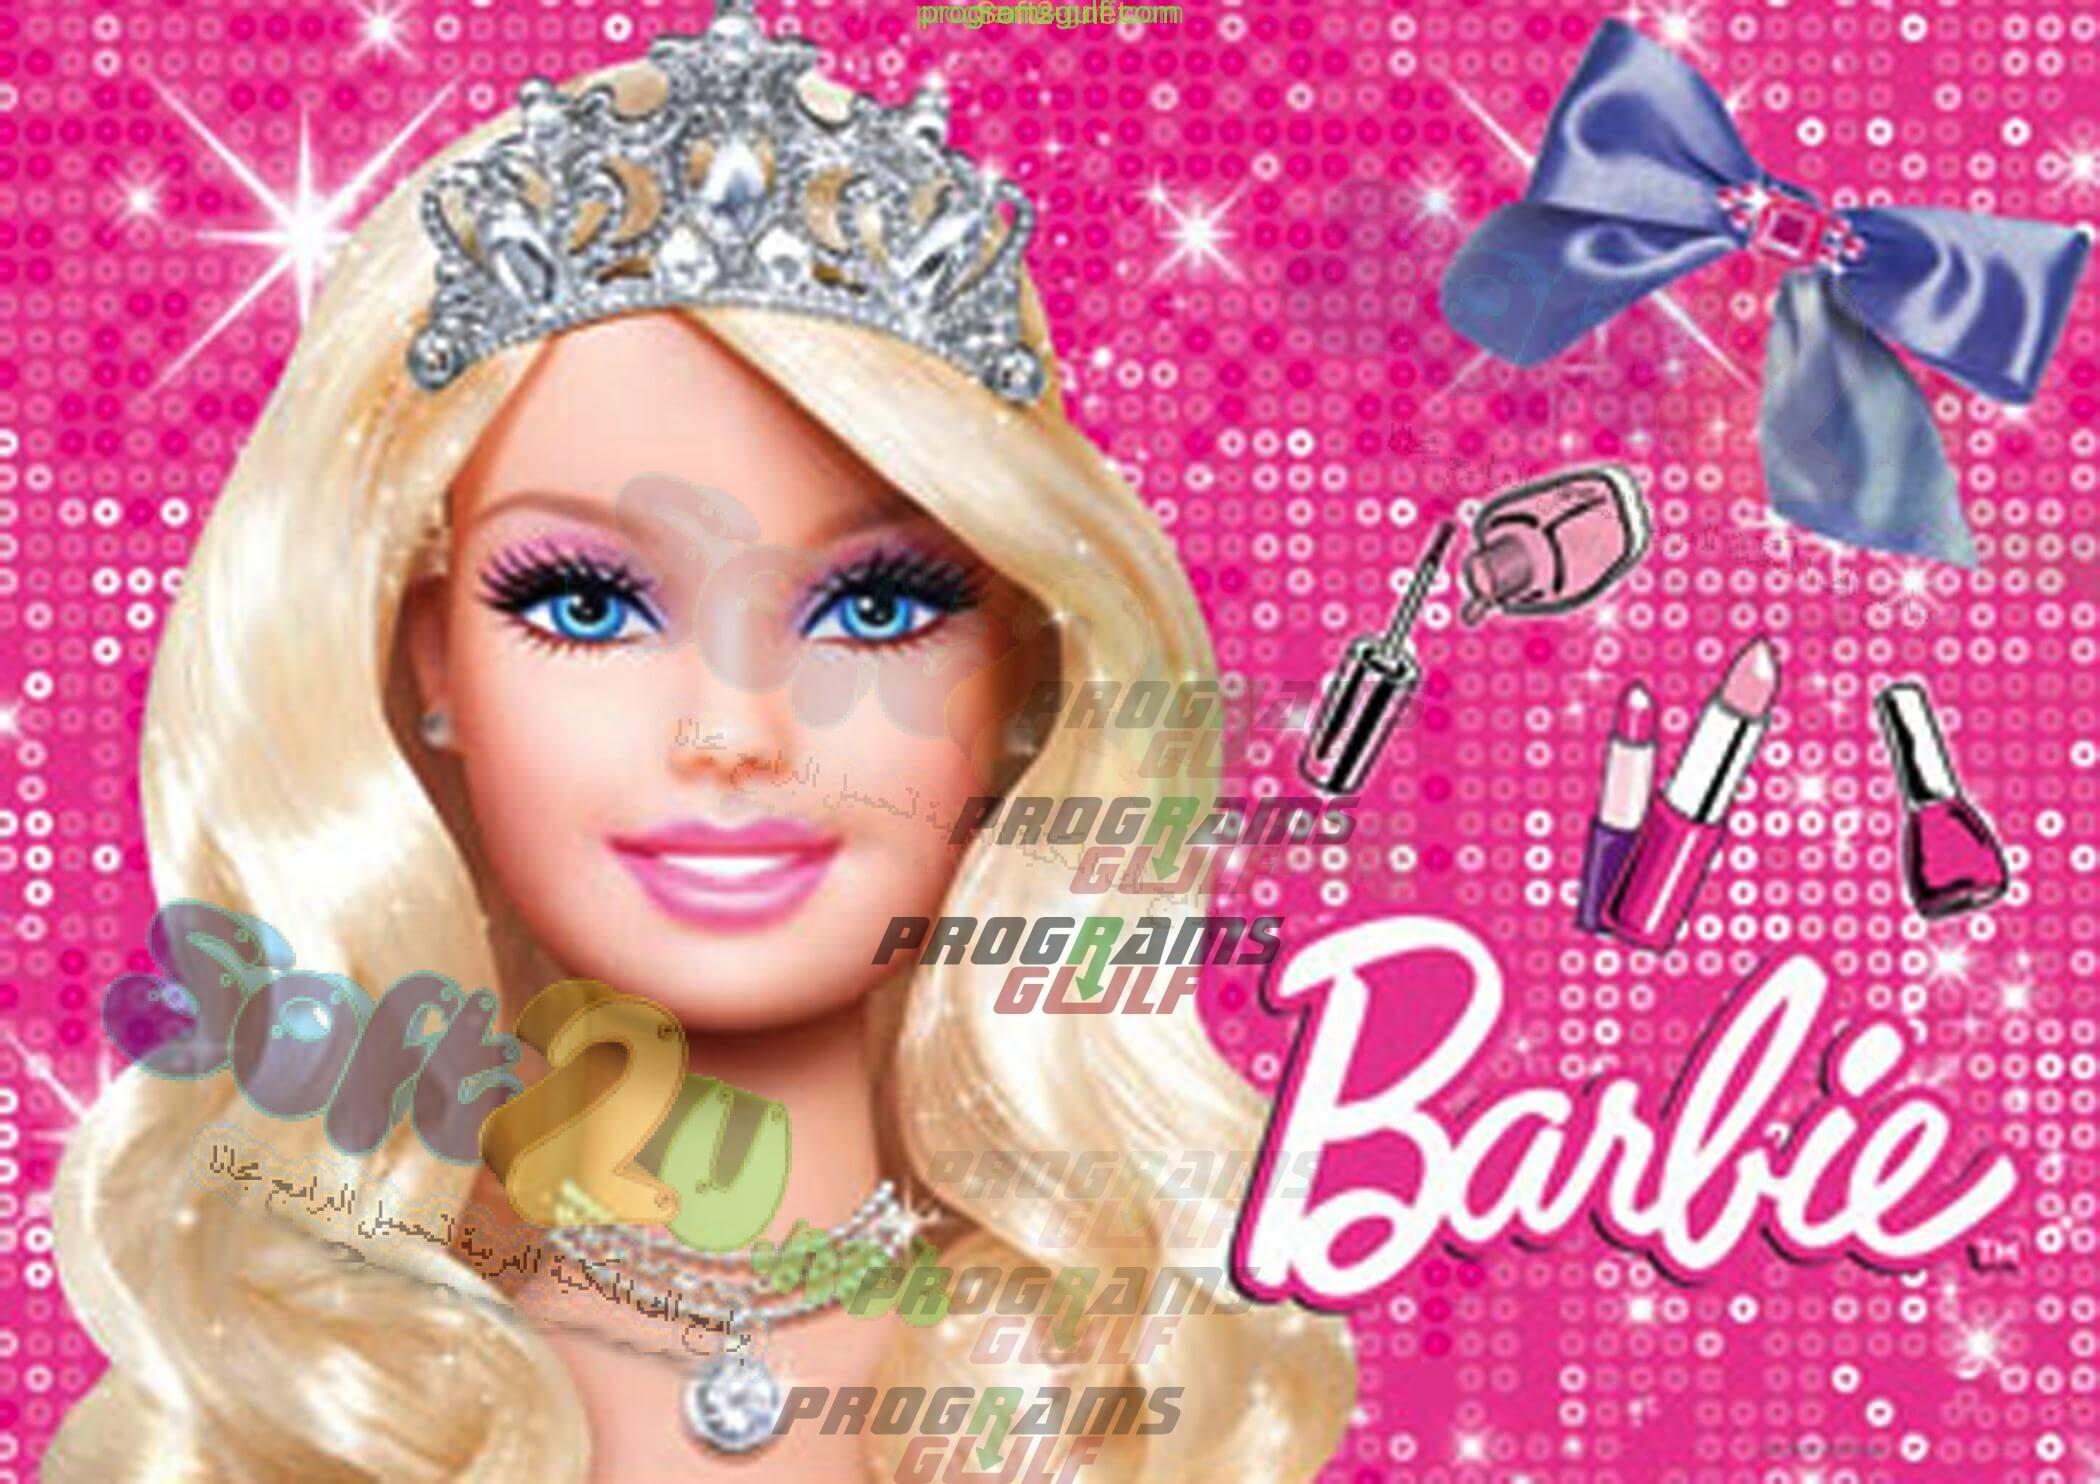 تحميل لعبة تلبيس باربي Barbie للبنات مجانا للكمبيوتر